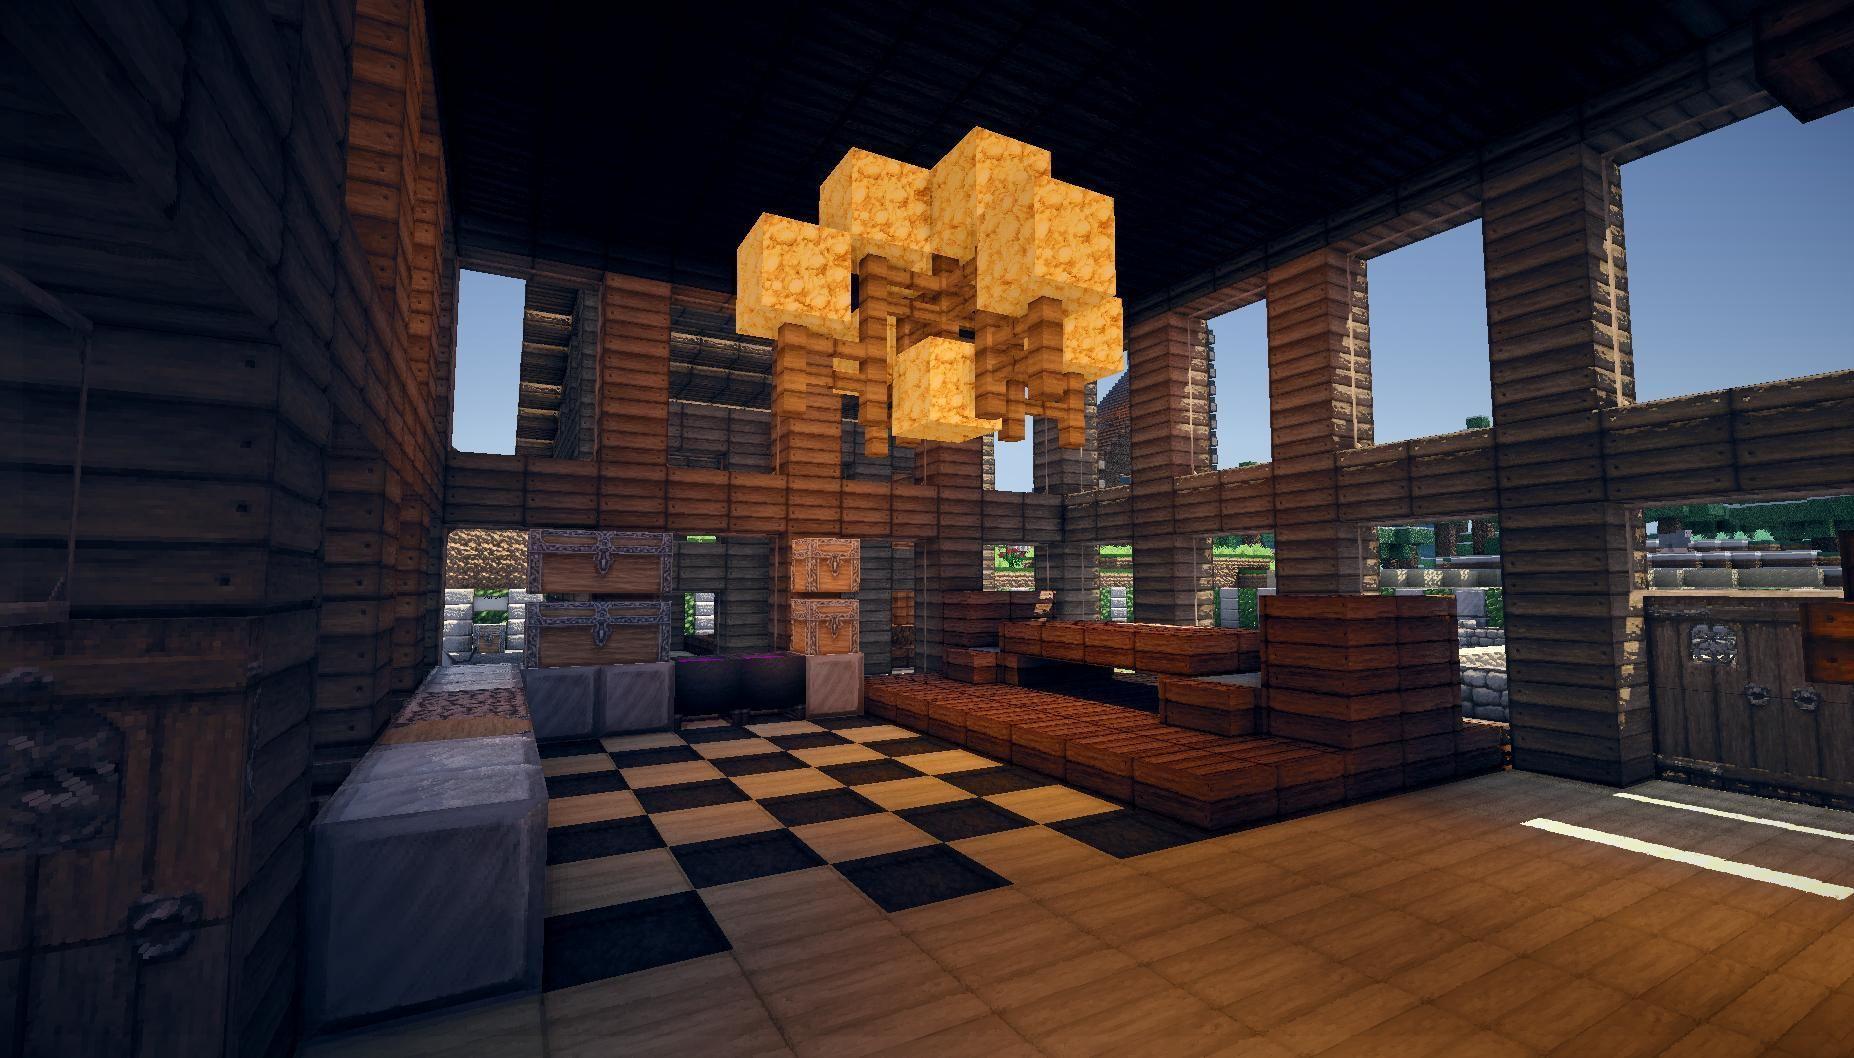 Minecraft Interior Google Search Minecraft Wooden House Minecraft Houses Minecraft Houses Survival